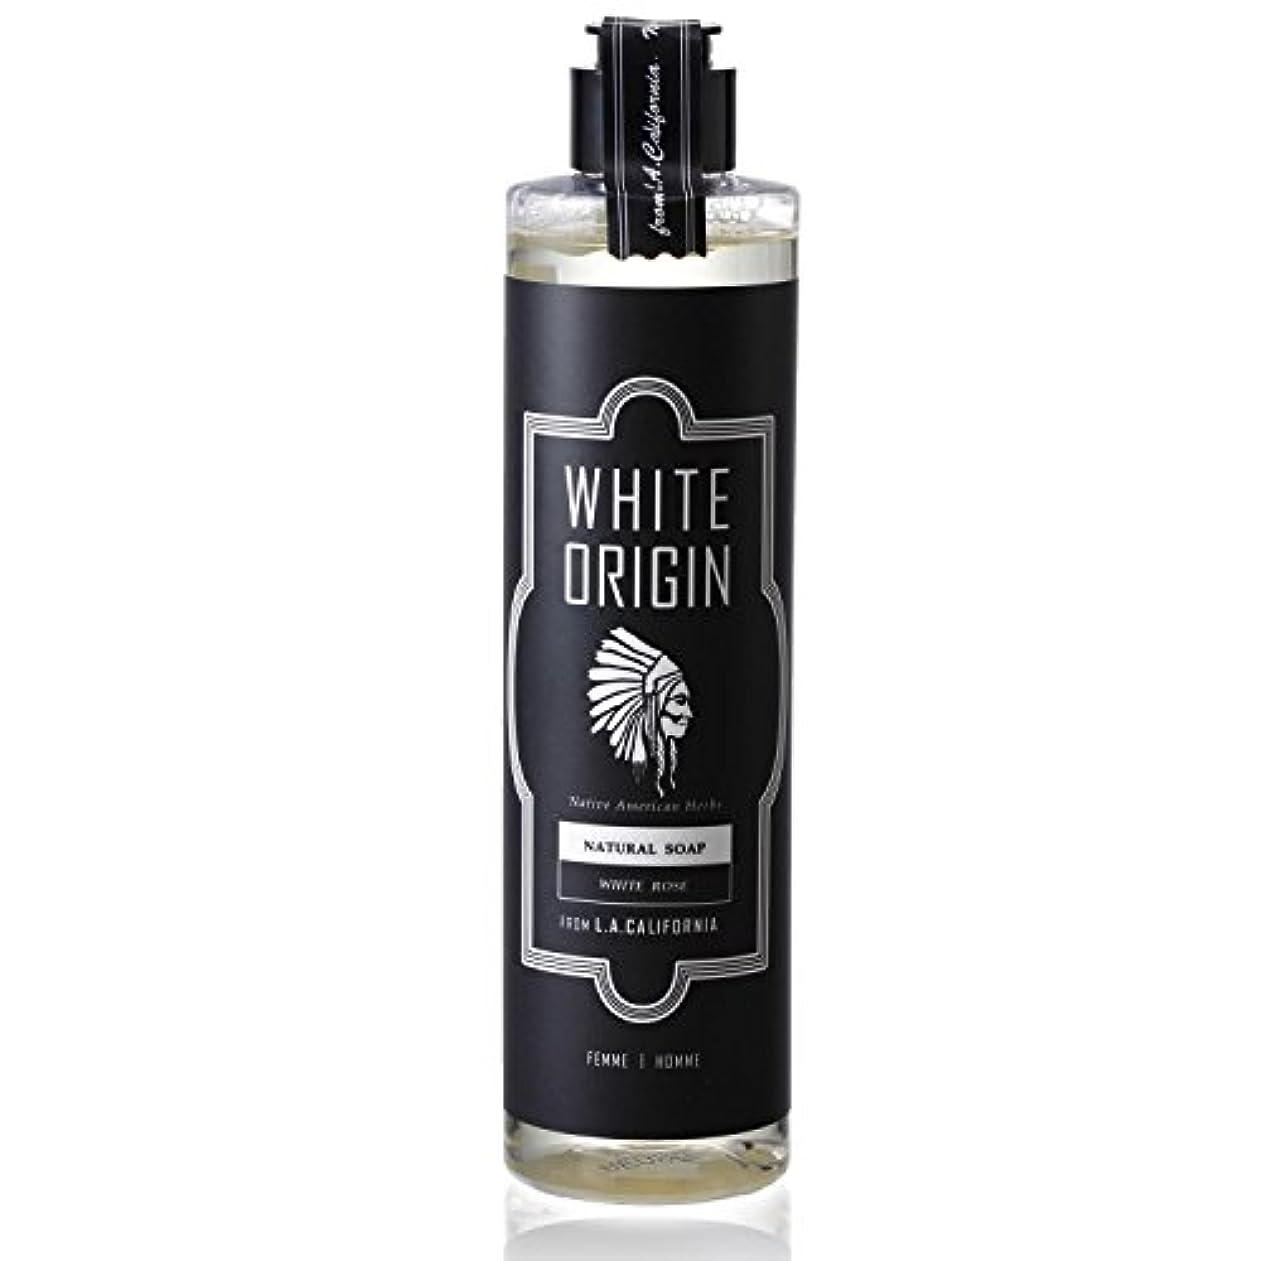 樫の木トークン無線WHITE ORIGIN ボディソープ 300ml 加齢臭 ケア オーガニック ナチュラル 男前 乾燥 ホワイトローズ